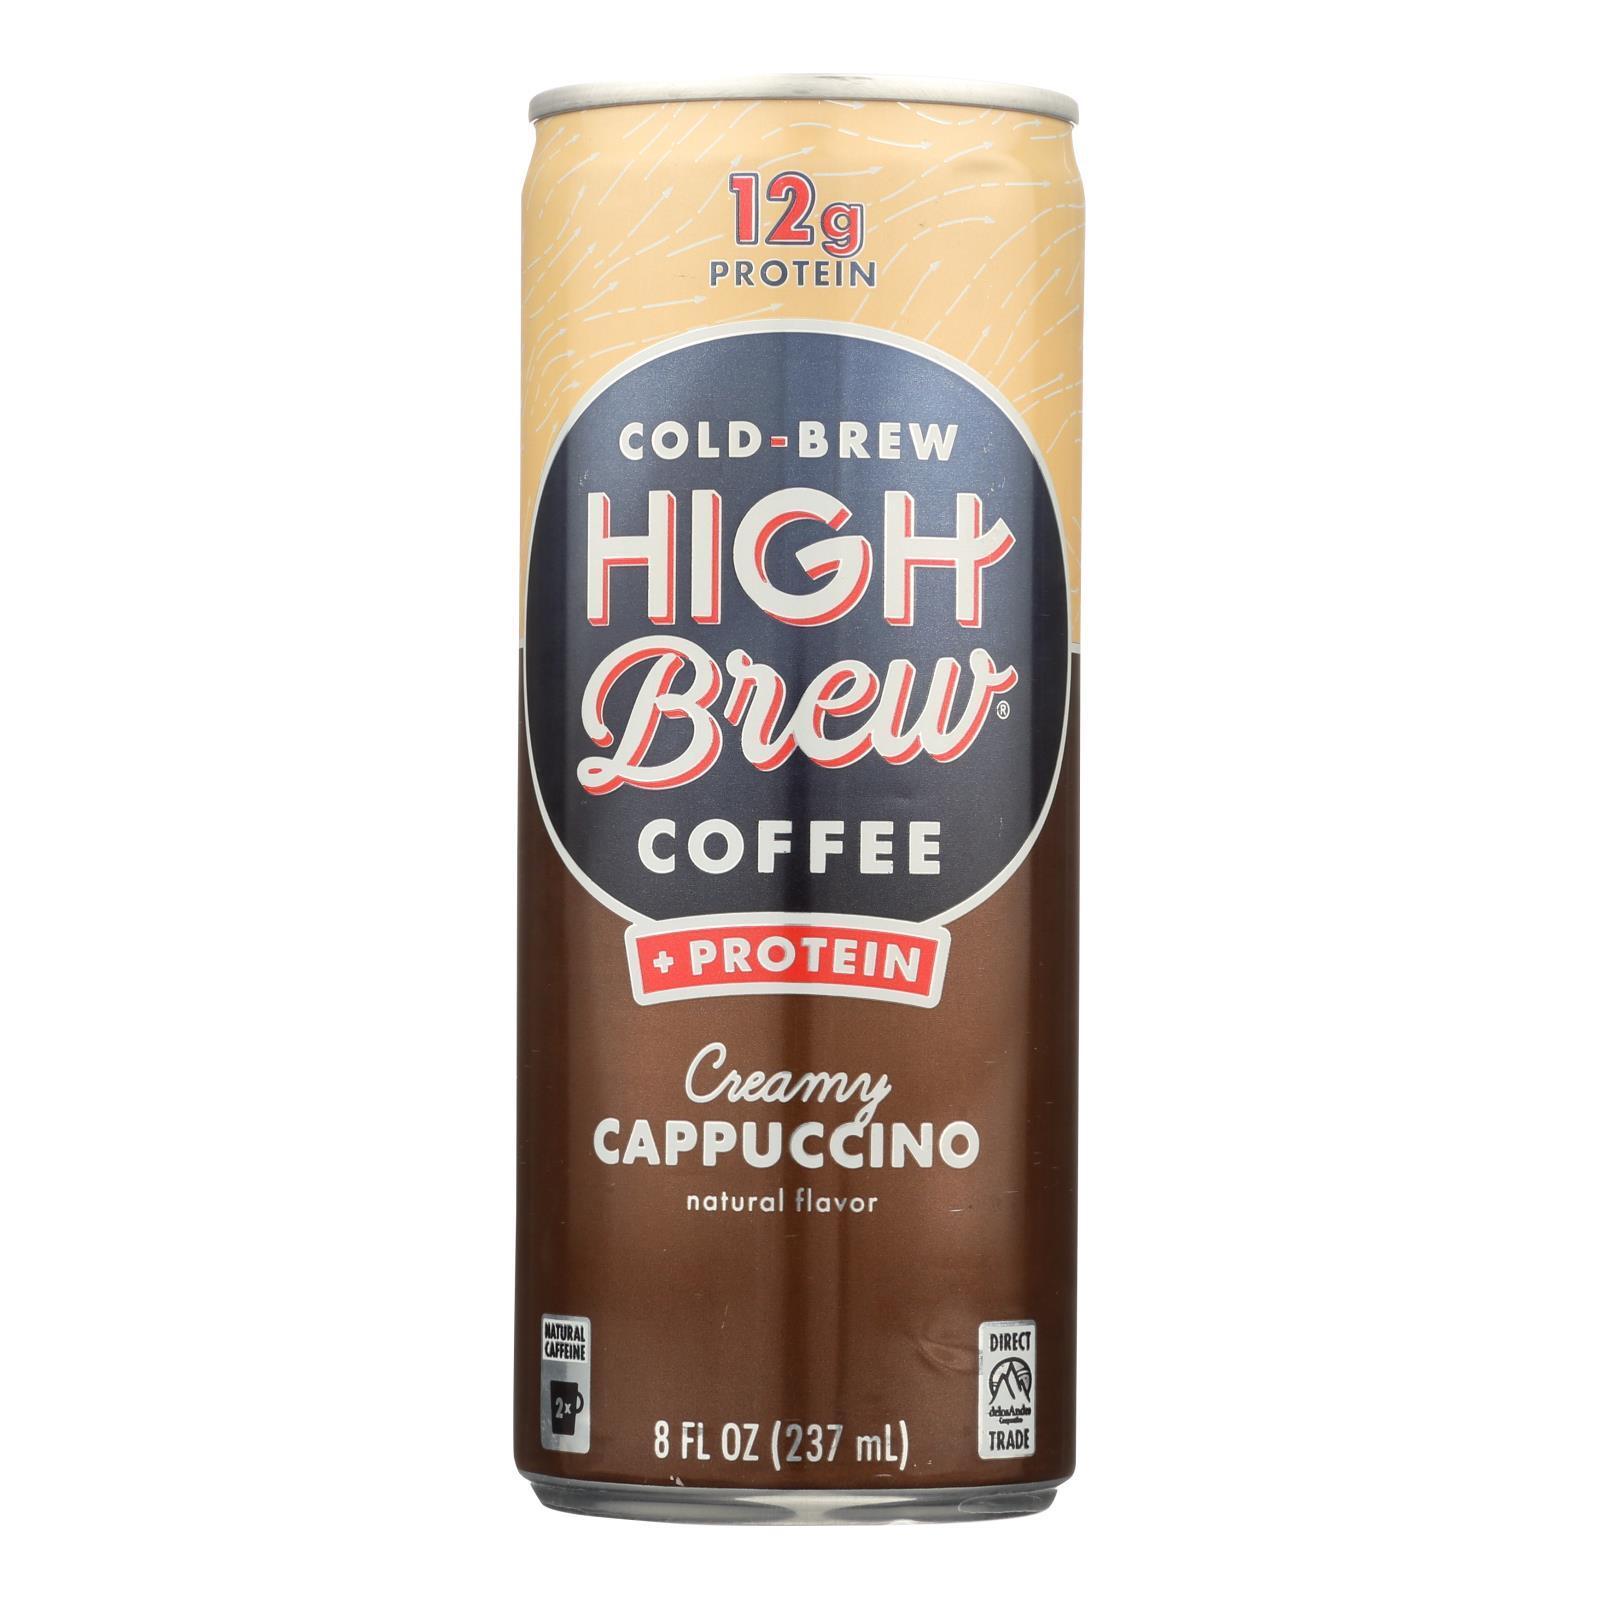 High Brew Coffee Cold Brew Coffee - Creamy Cappuccino - Case of 12 - 8 fl oz